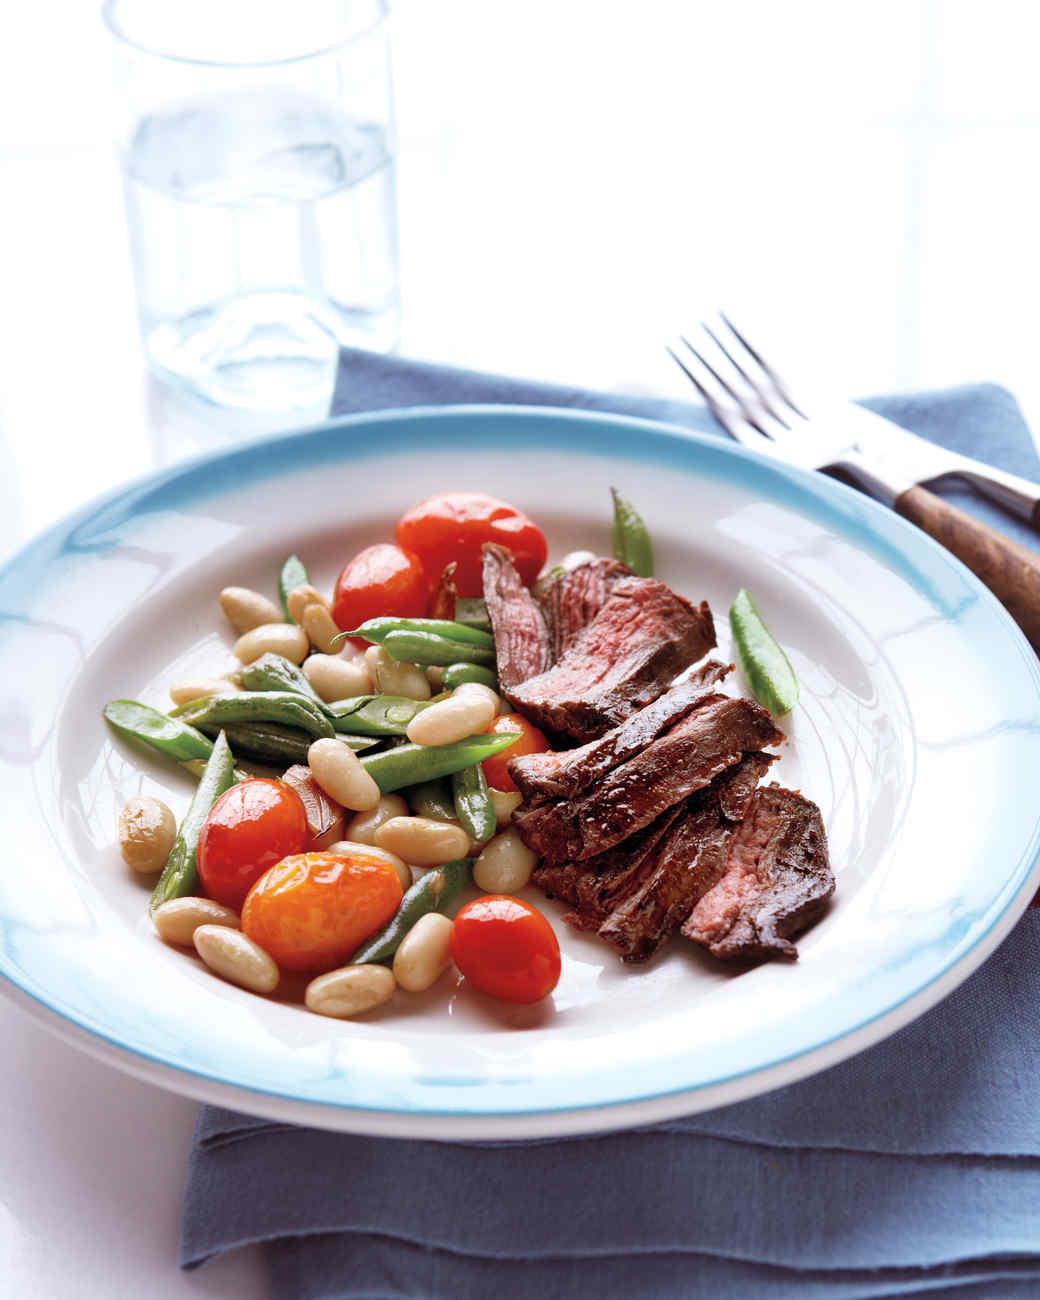 skirt-steak-0611med107092din.jpg